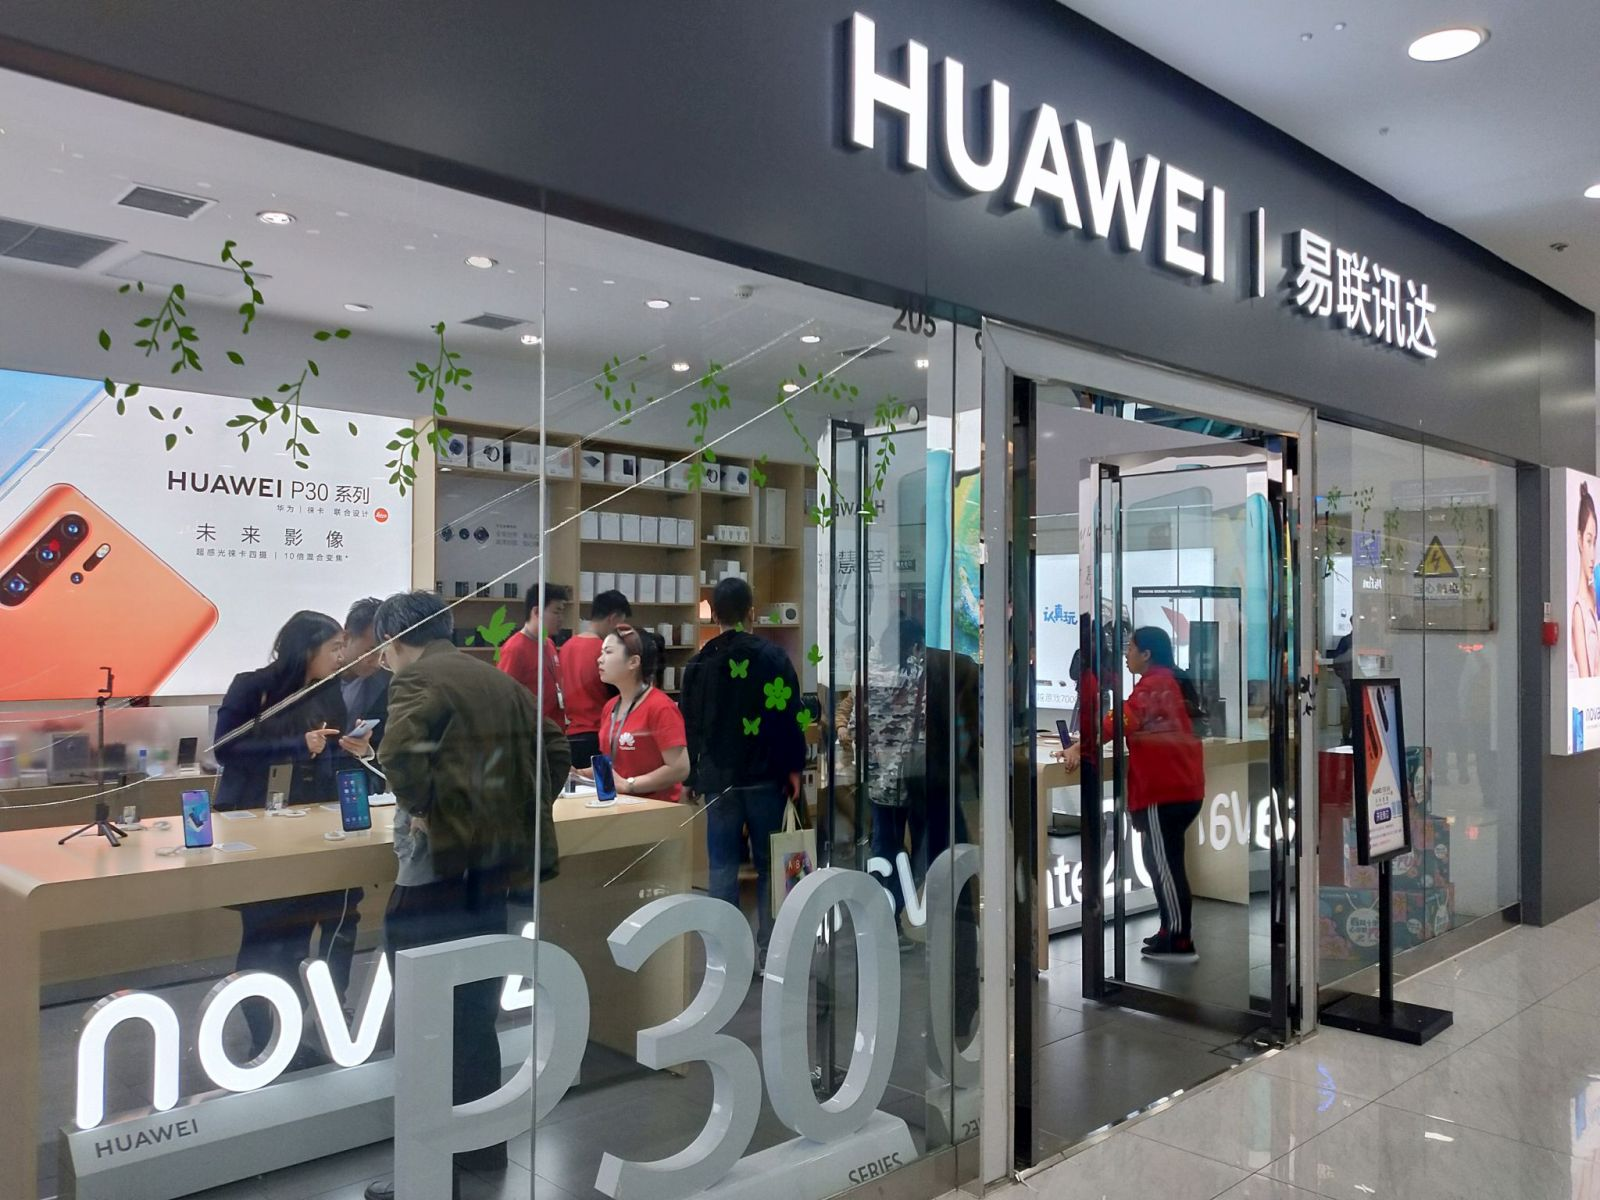 中国のファーウェイ代理店。モールなどでよく見る